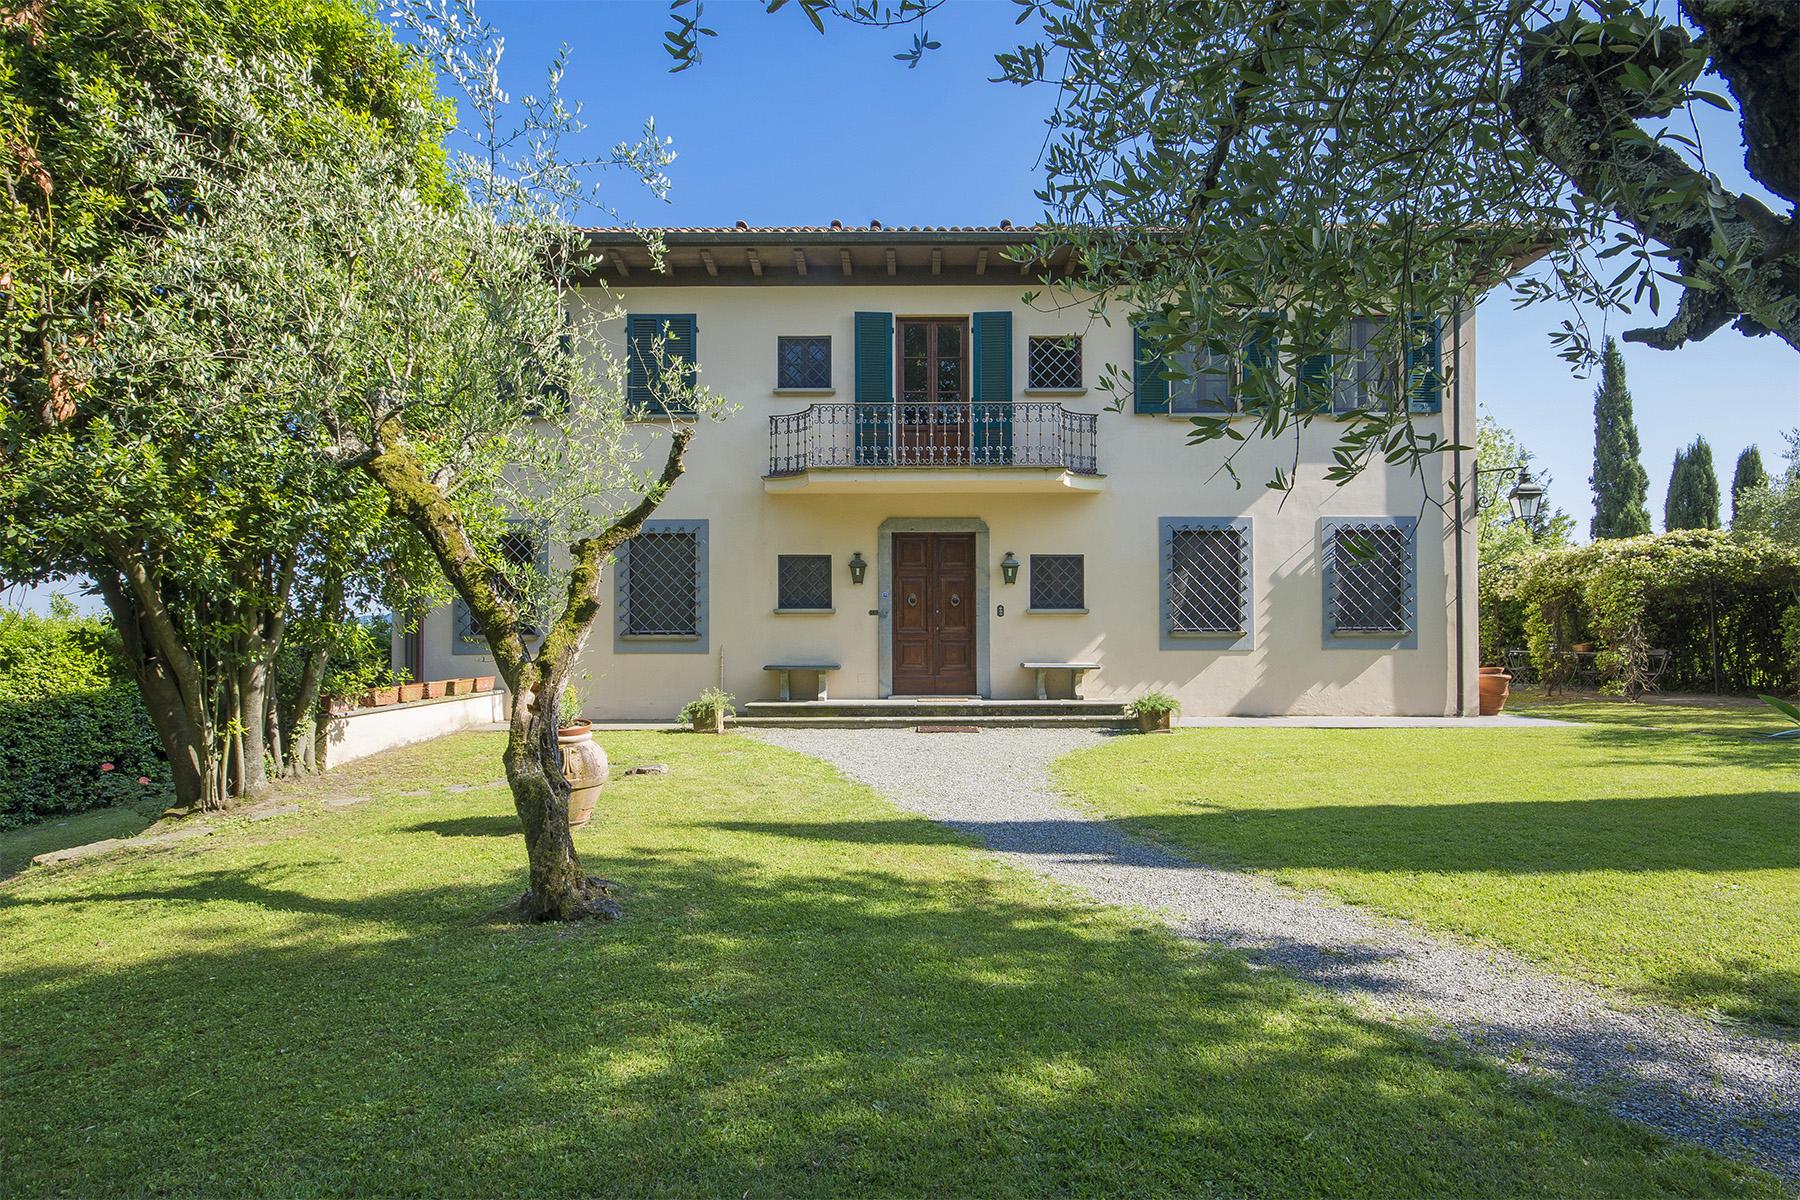 Villa in Vendita a Lucca: 5 locali, 600 mq